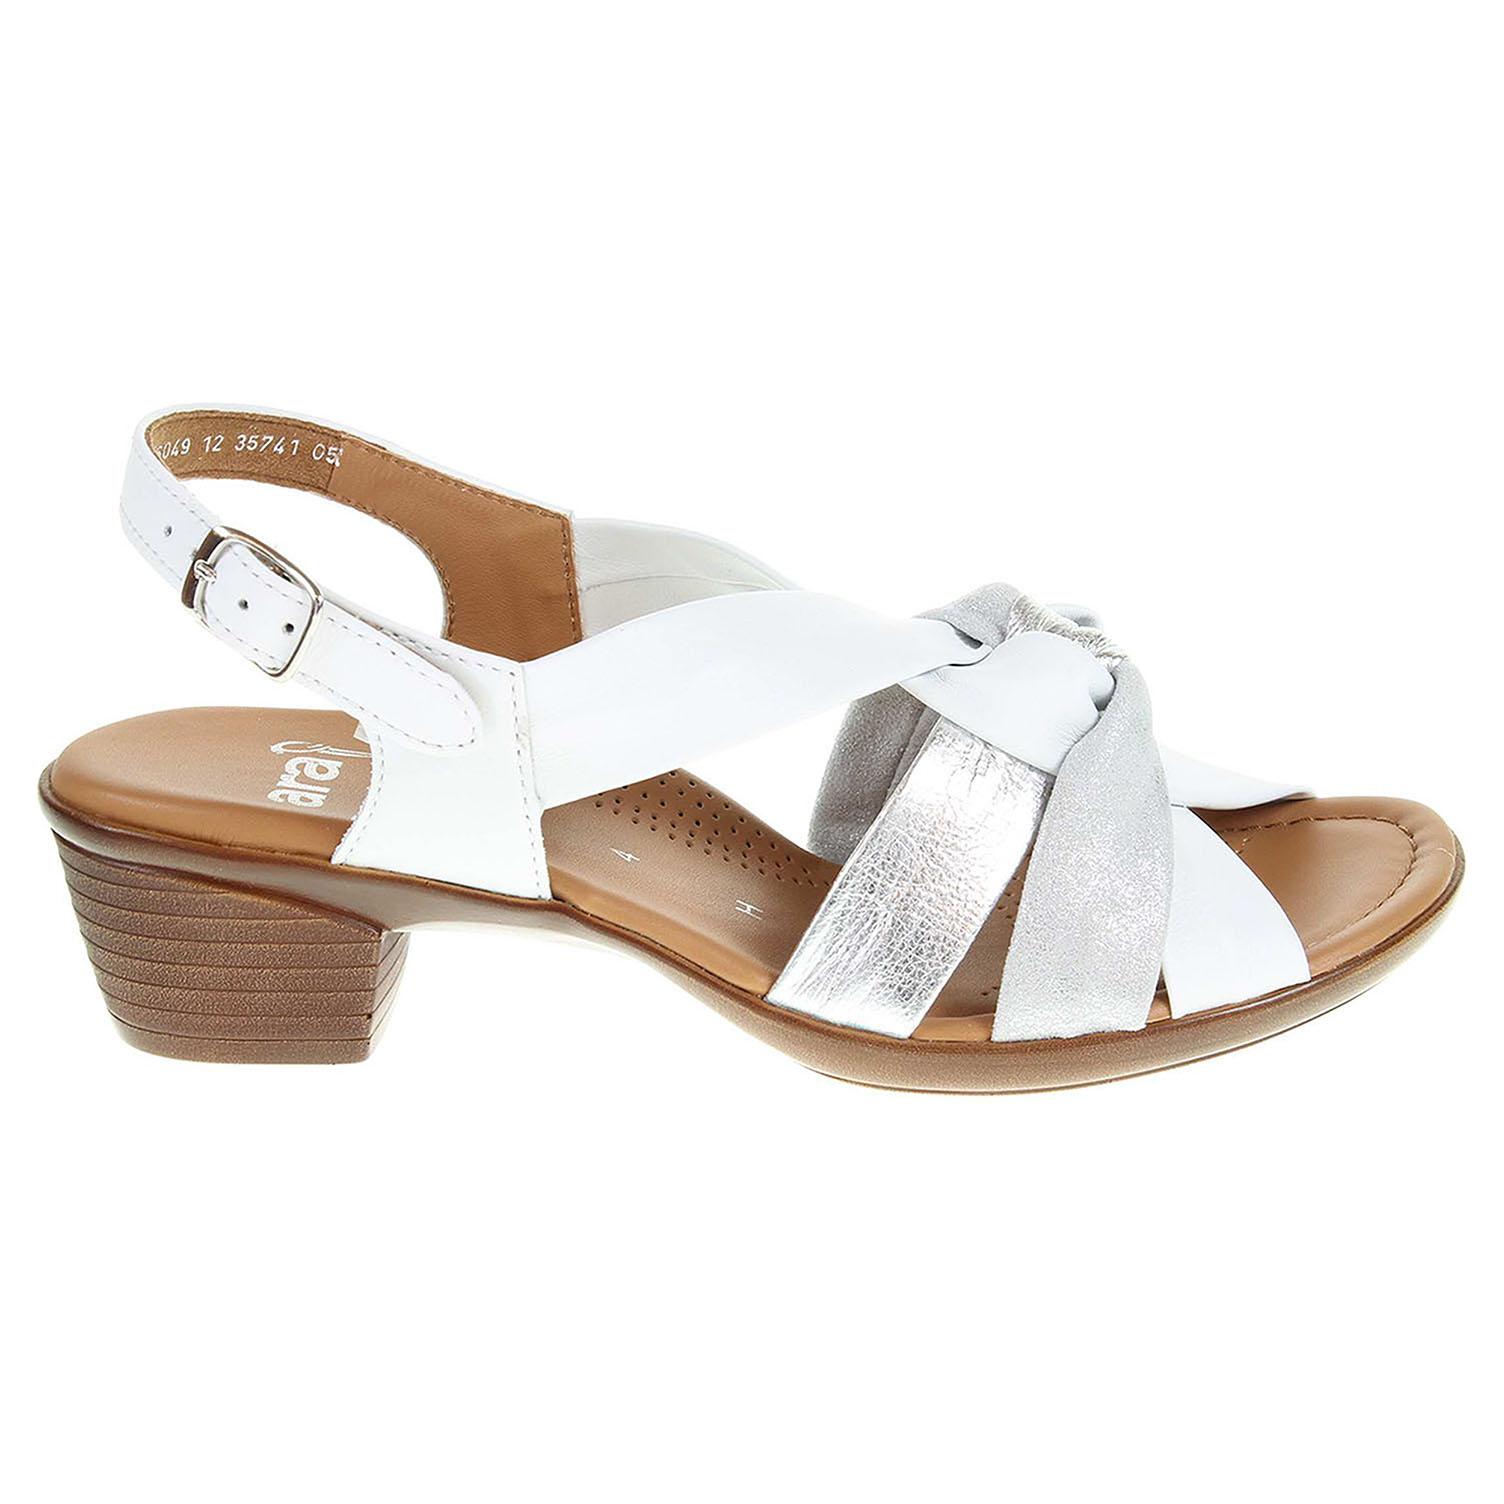 Ecco Ara dámské sandály 35741-05 bílá-stříbrná 23801144